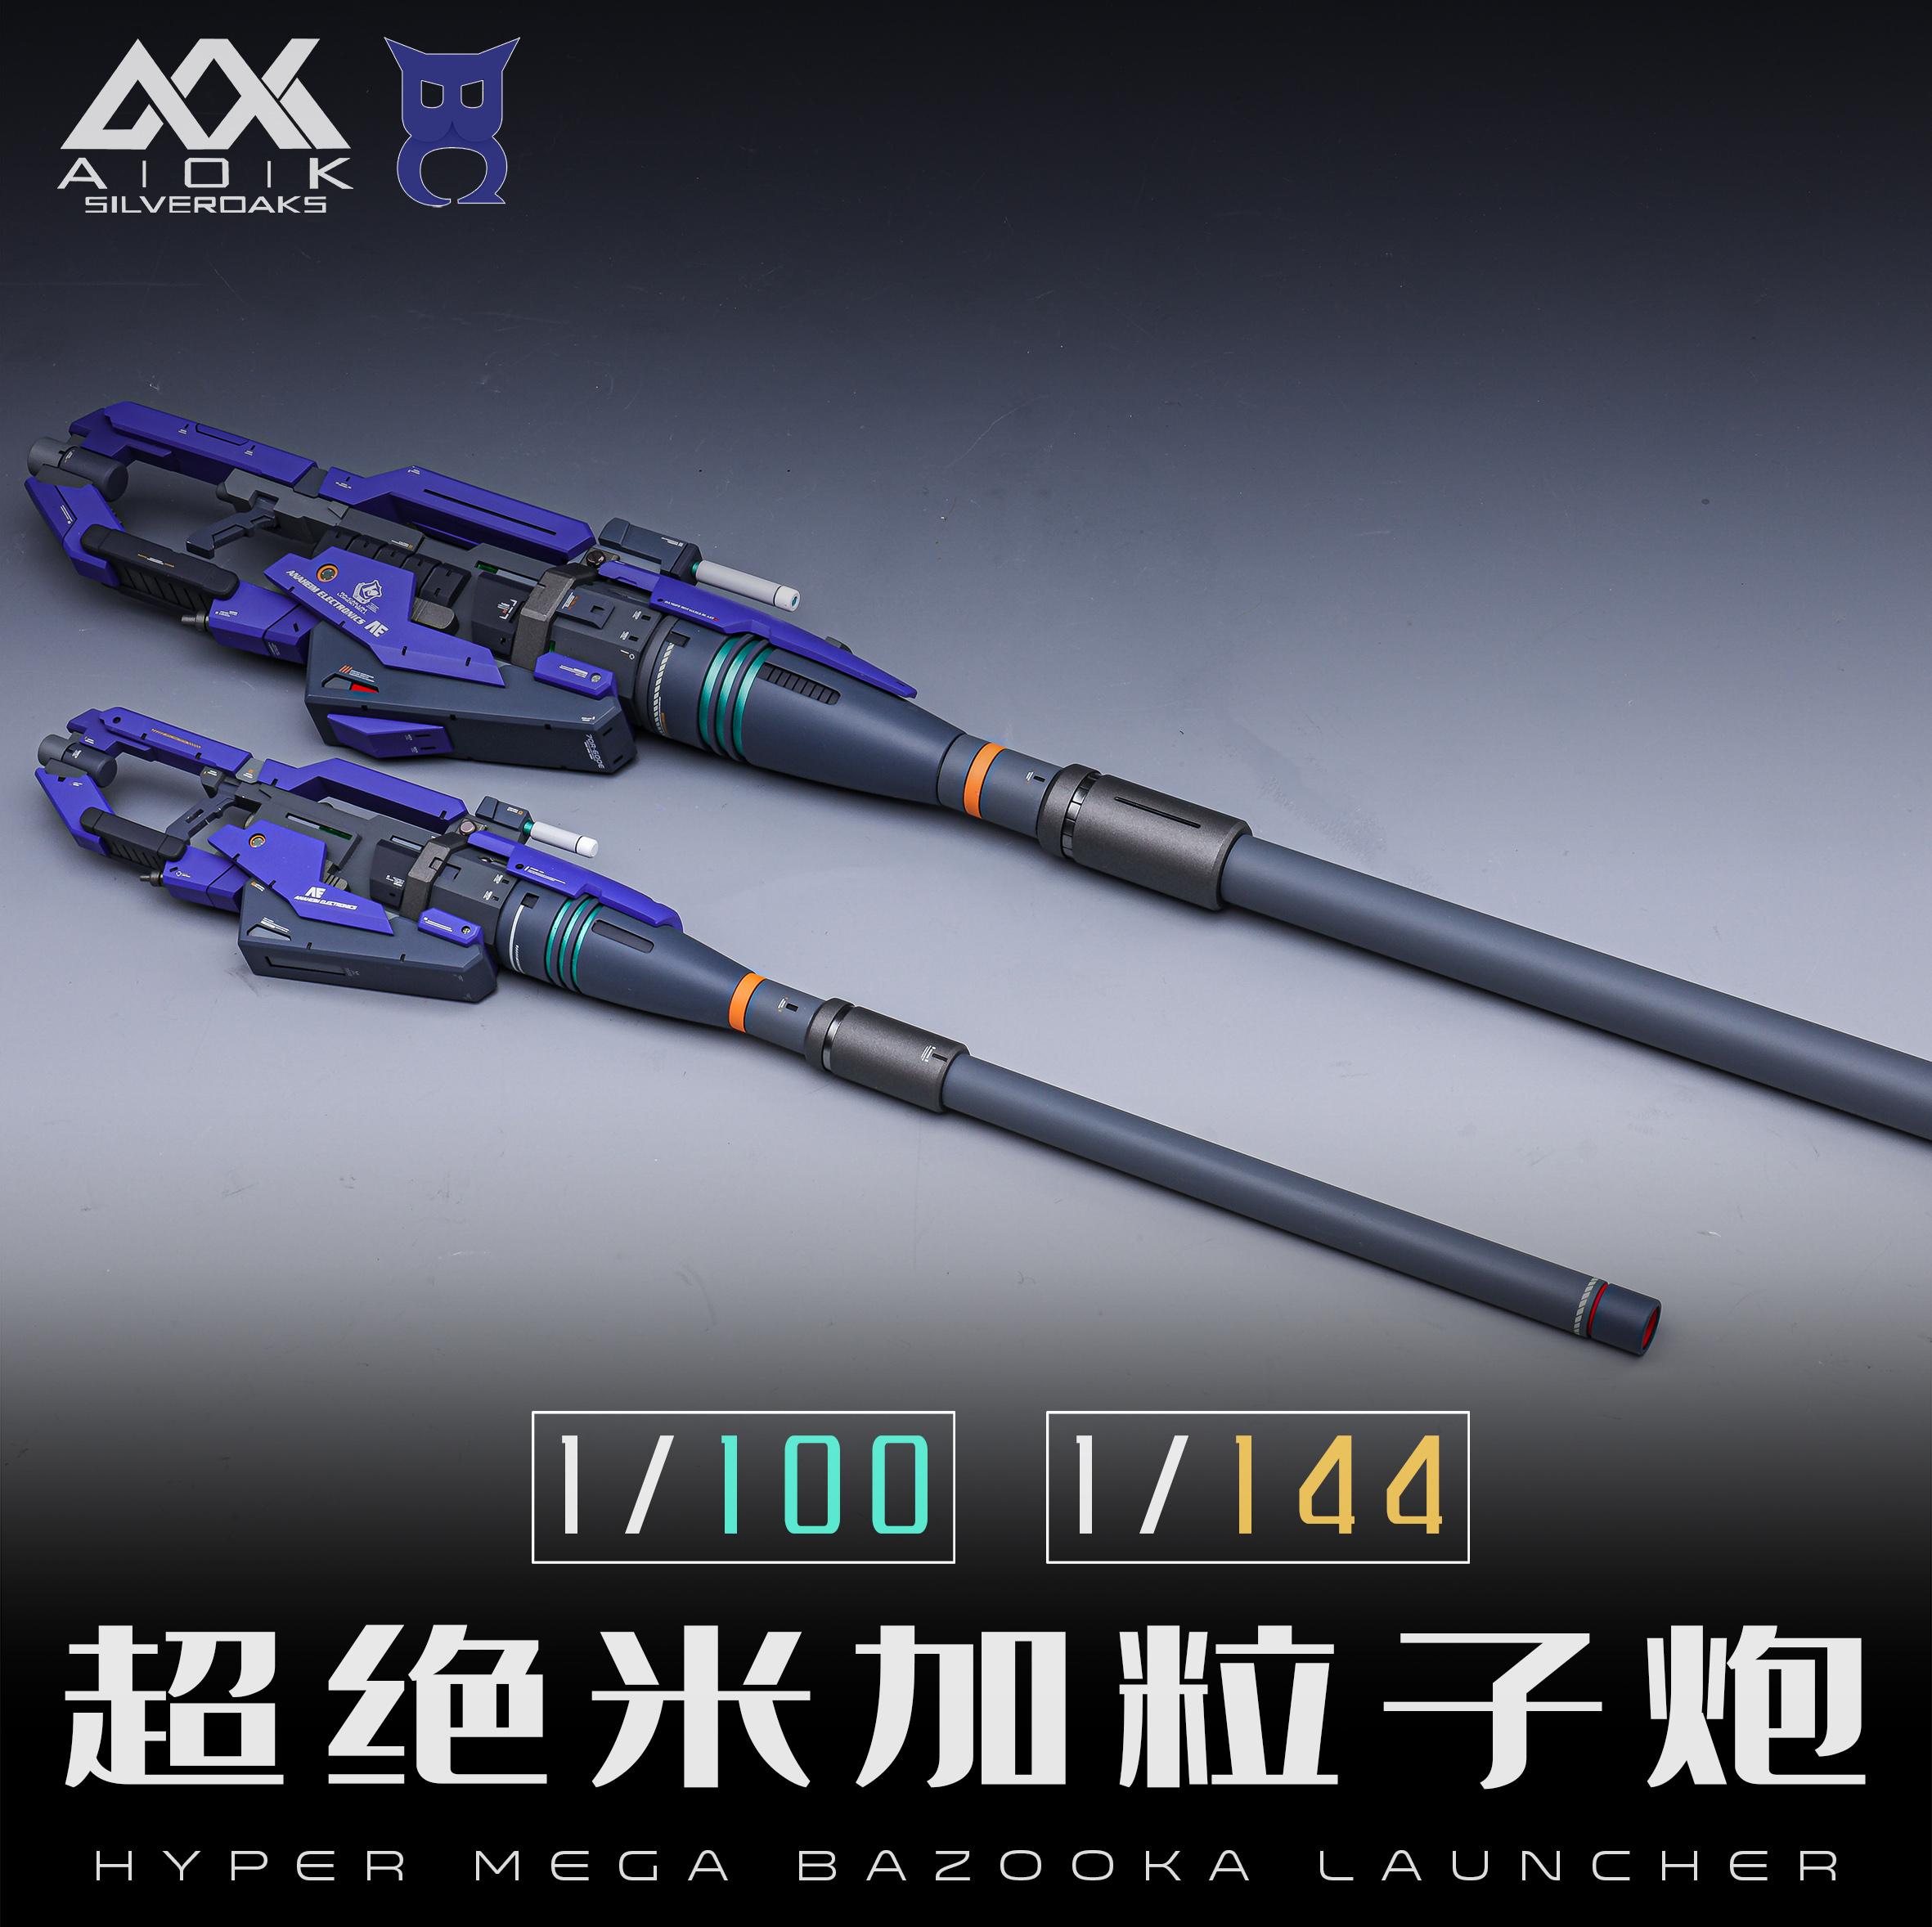 G822_rg_MG_mega_bazooka_launcher_AOK_001.jpg